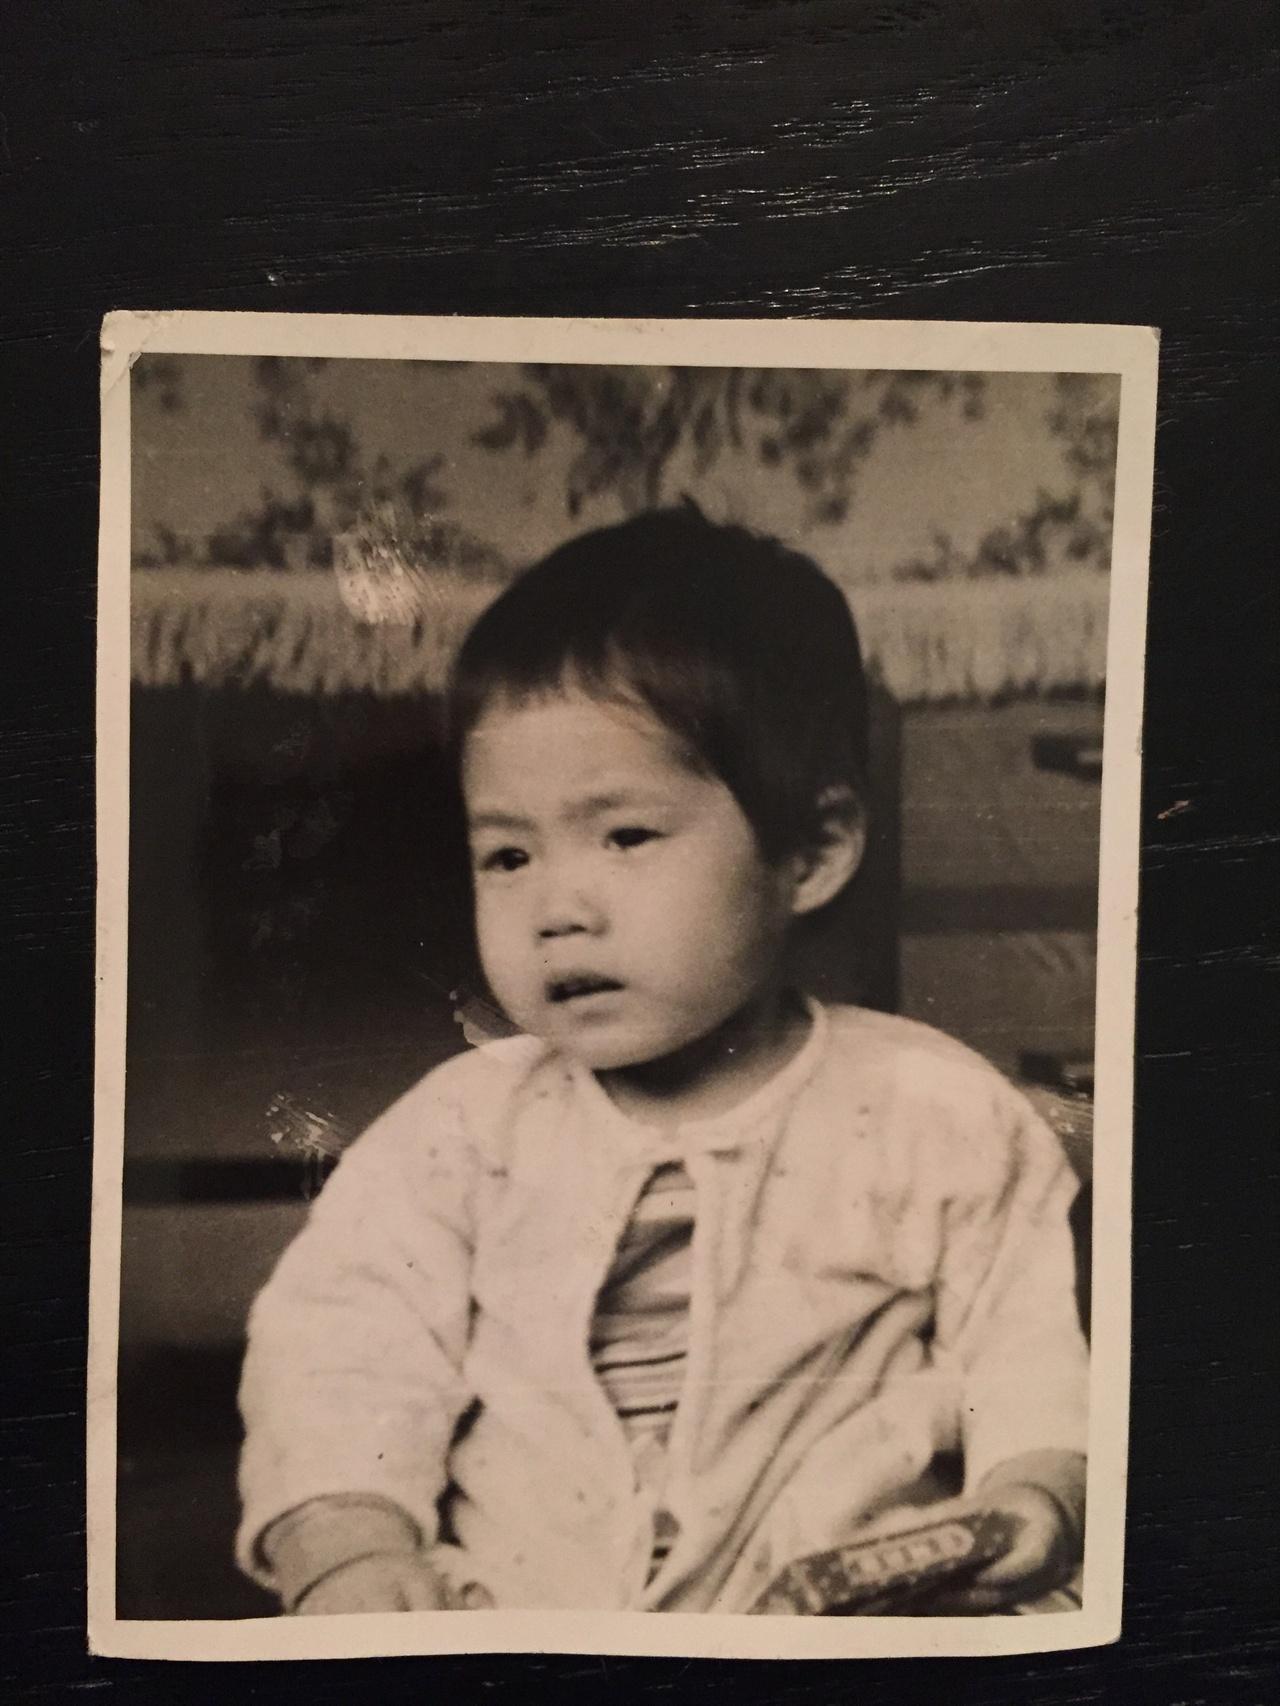 줄리 듀발의 어린 시절 사진 줄리가 어려서 자란 고아원은 그에 대한 모든 기록을 잃어버렸다.